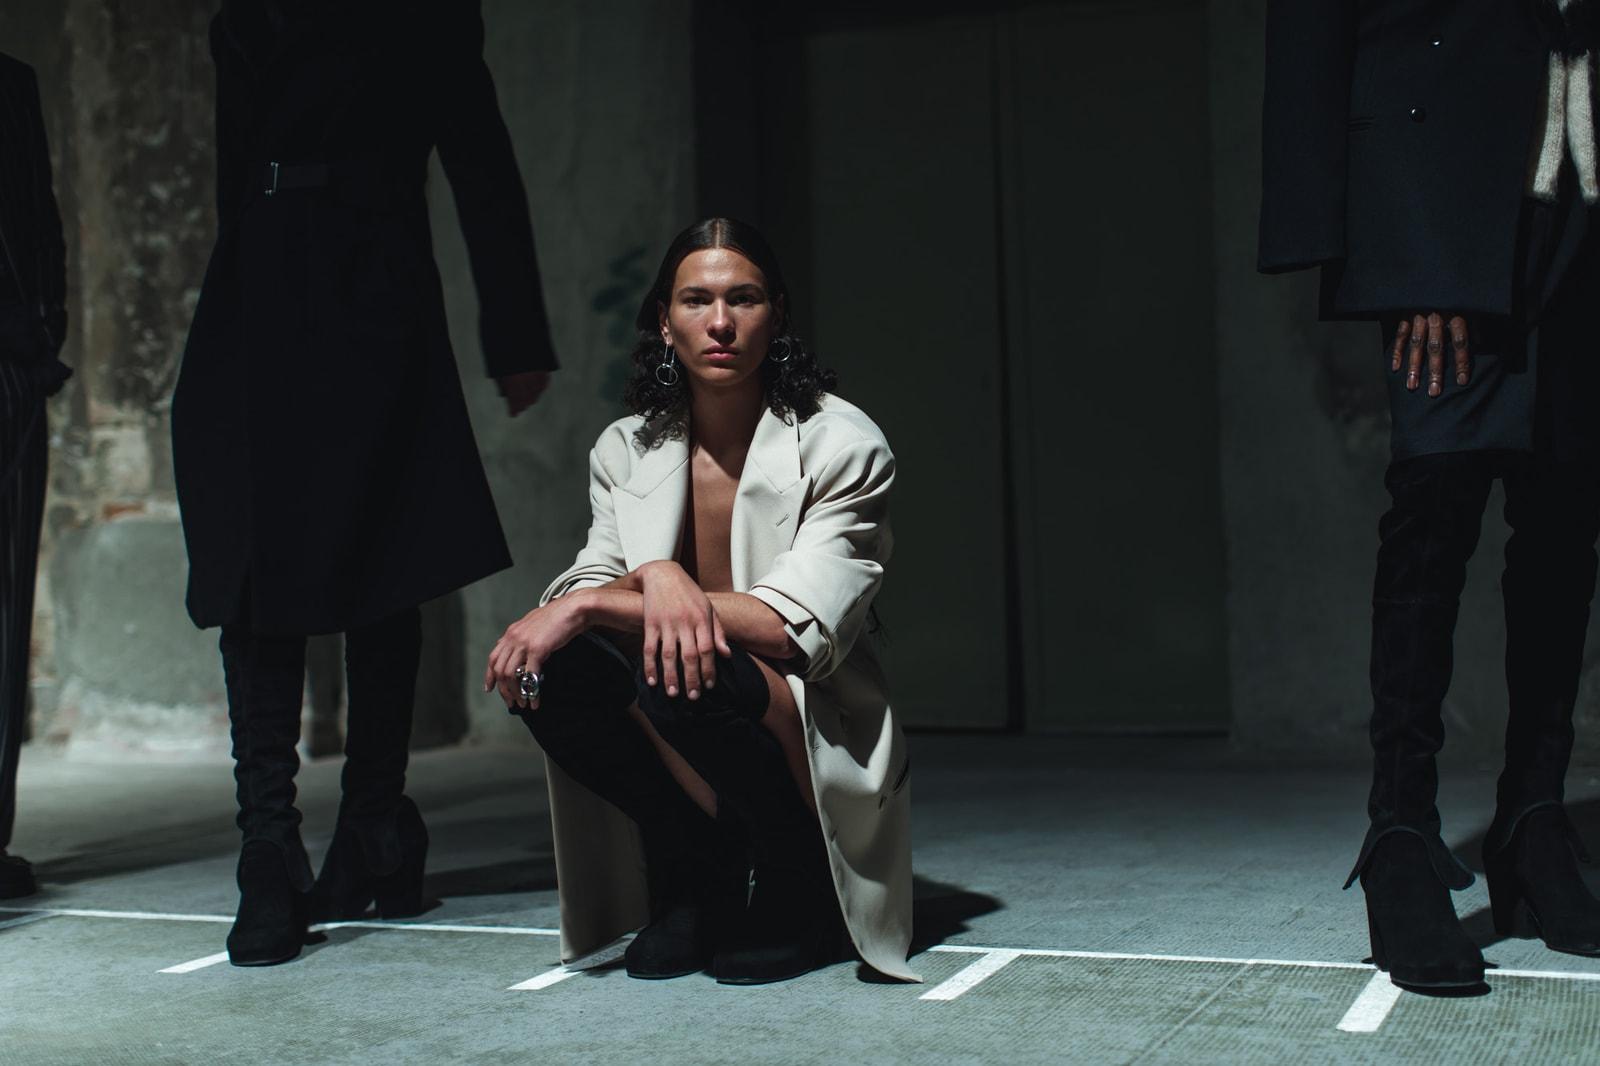 HYPEBEAST 直擊-第 97 屆 Pitti Uomo 男裝展五大亮點回顧